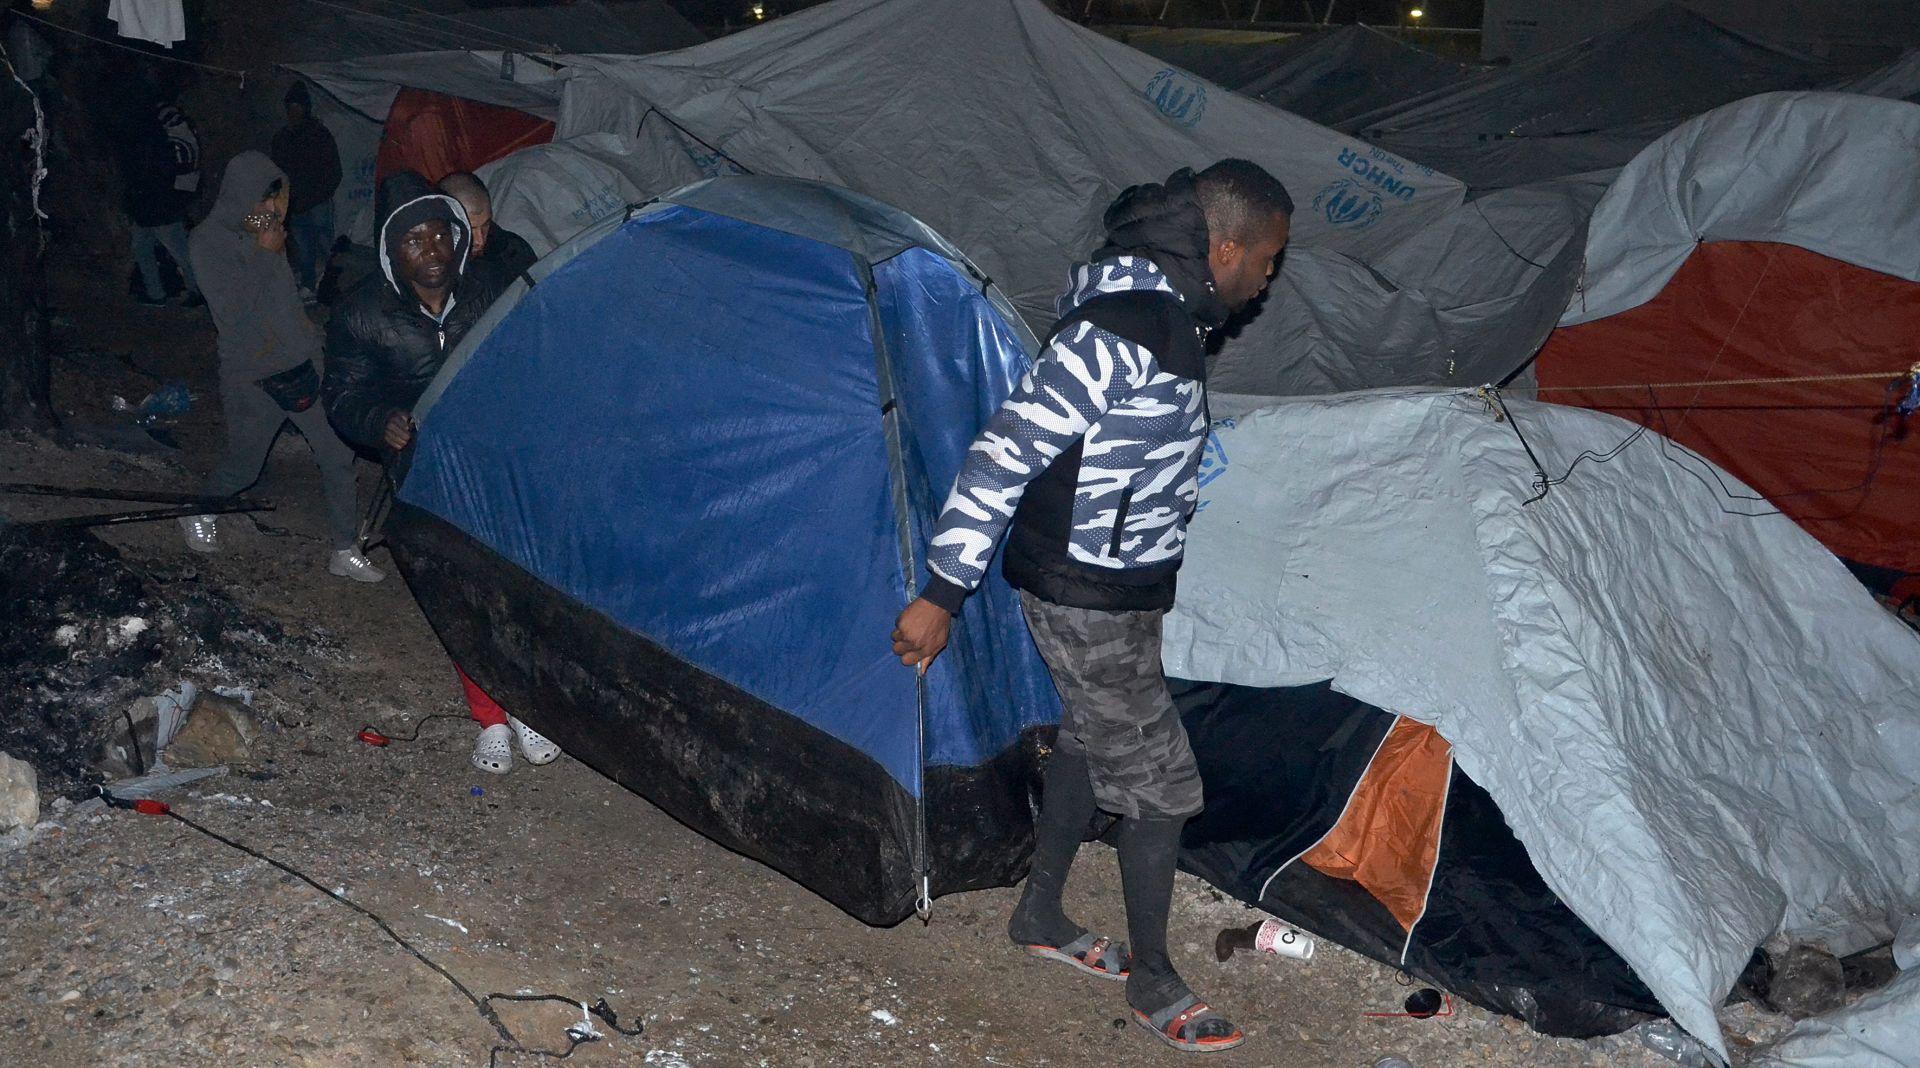 LIJEČNICI BEZ GRANICA Europa 'sramotno i kukavički' odgovara na izbjeglice